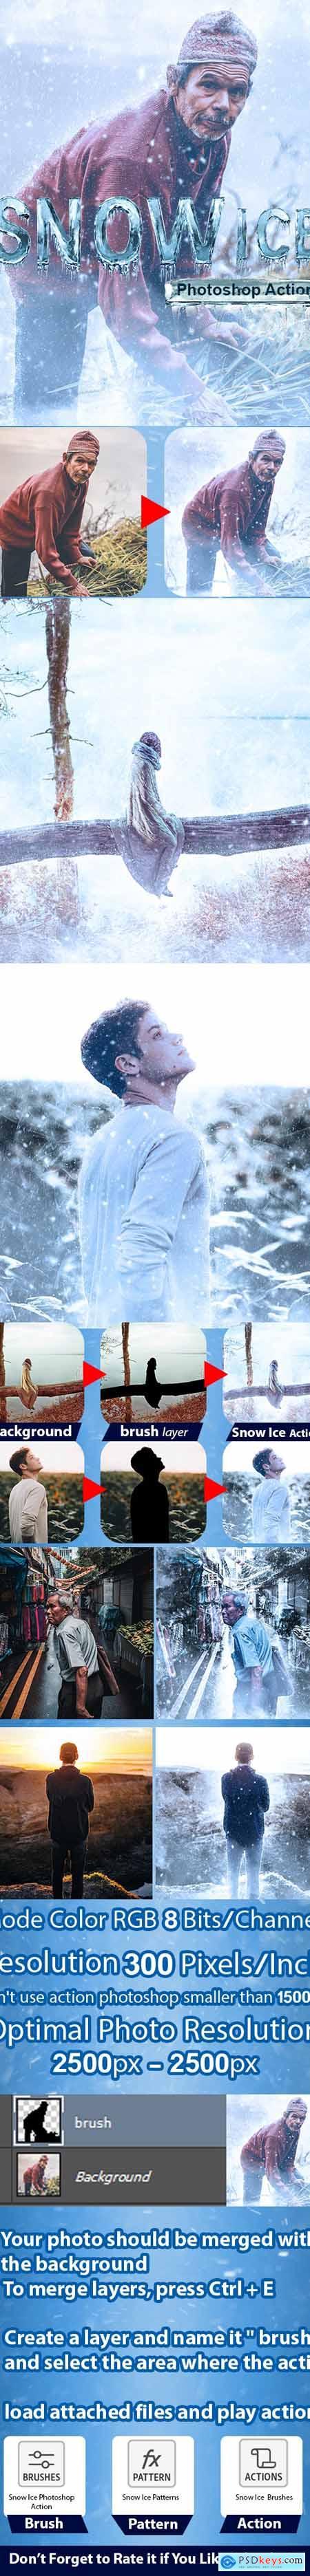 Snow Ice Photoshop Action 24254403